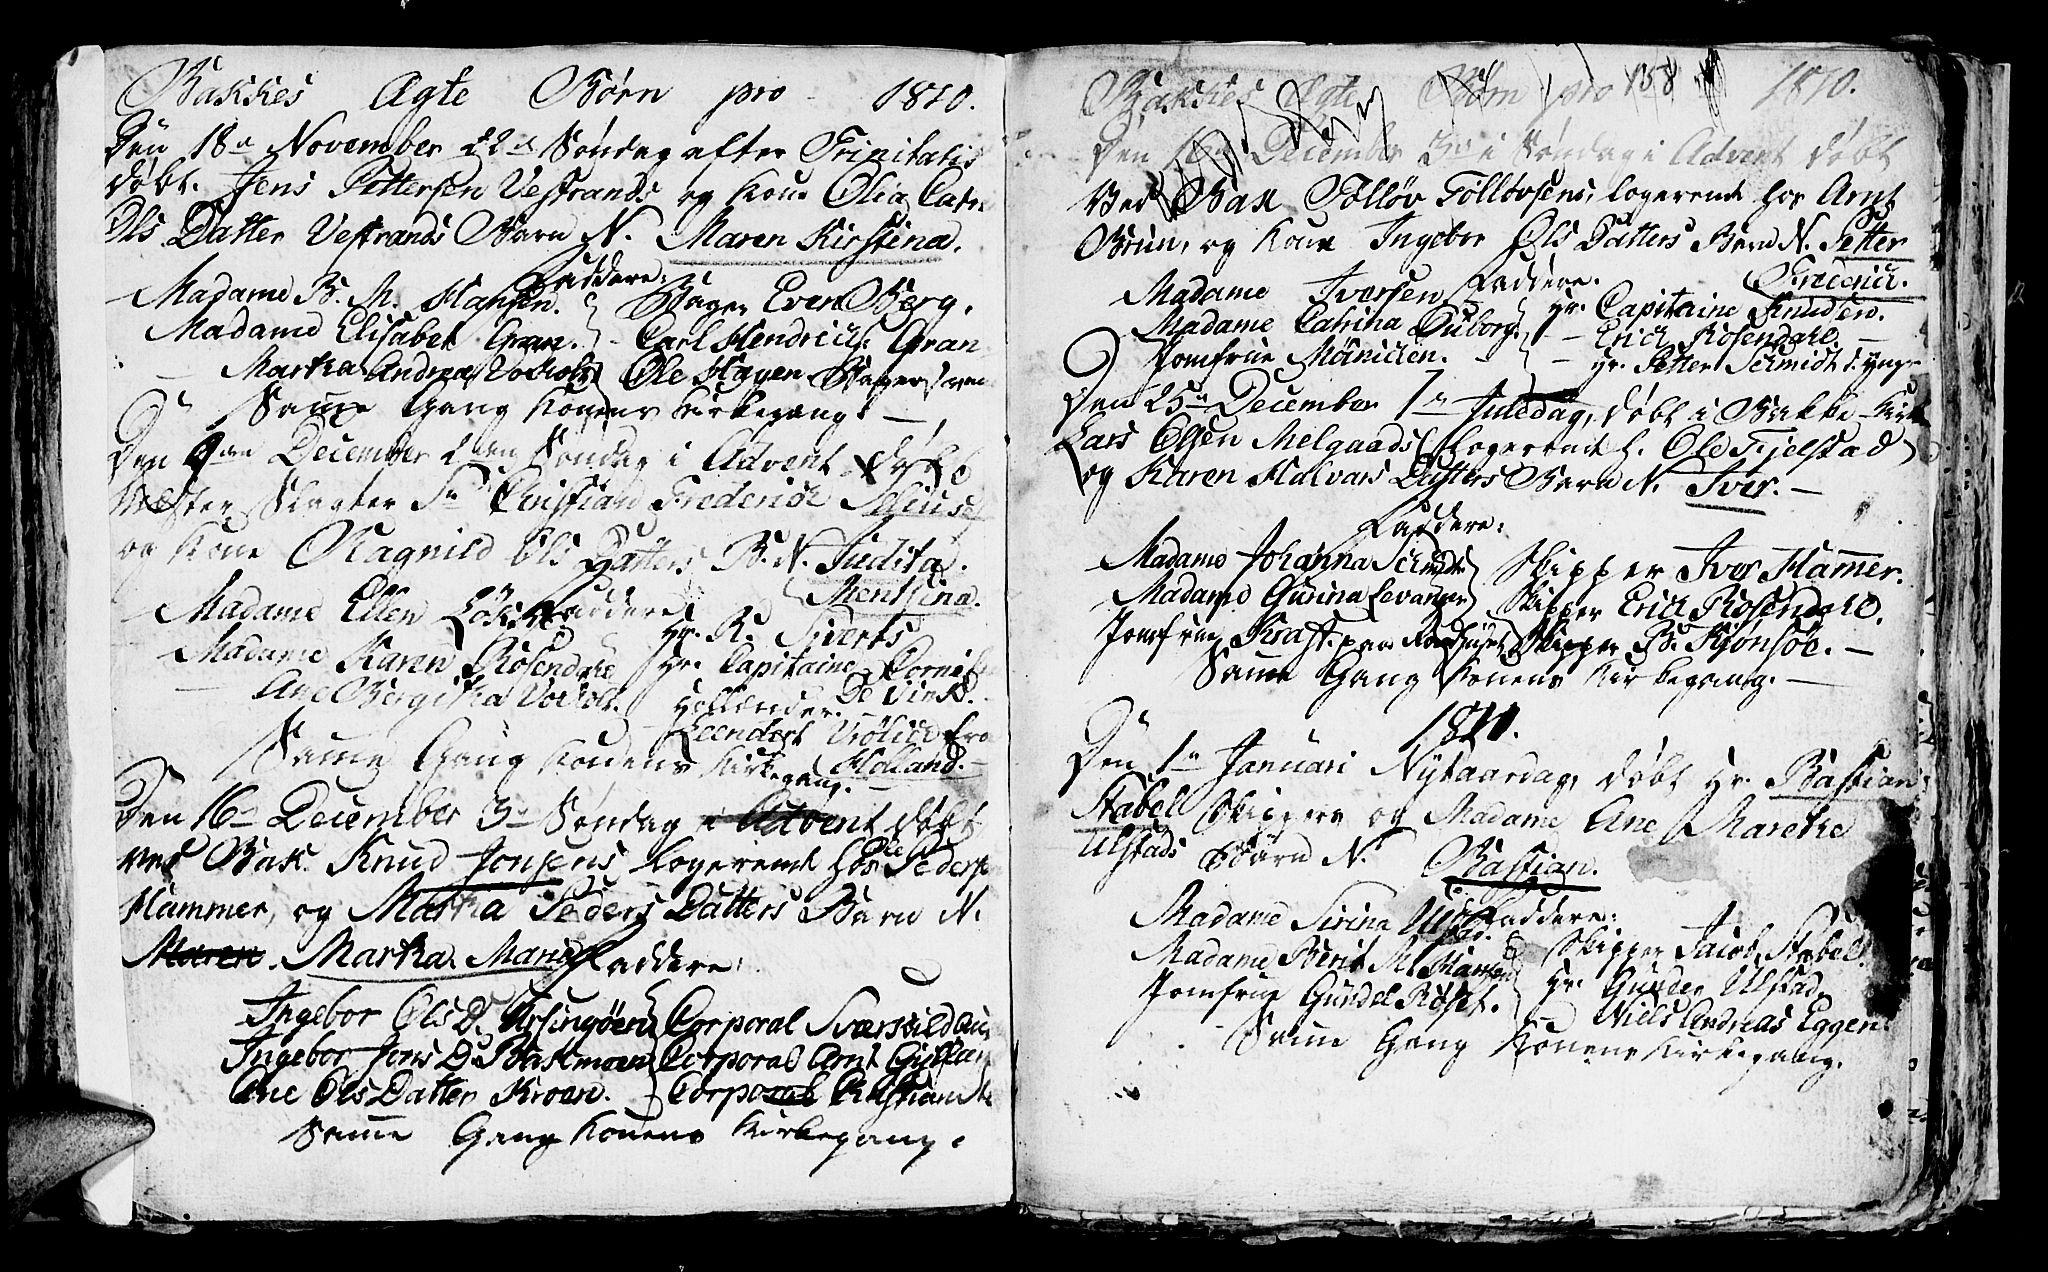 SAT, Ministerialprotokoller, klokkerbøker og fødselsregistre - Sør-Trøndelag, 604/L0218: Klokkerbok nr. 604C01, 1754-1819, s. 158